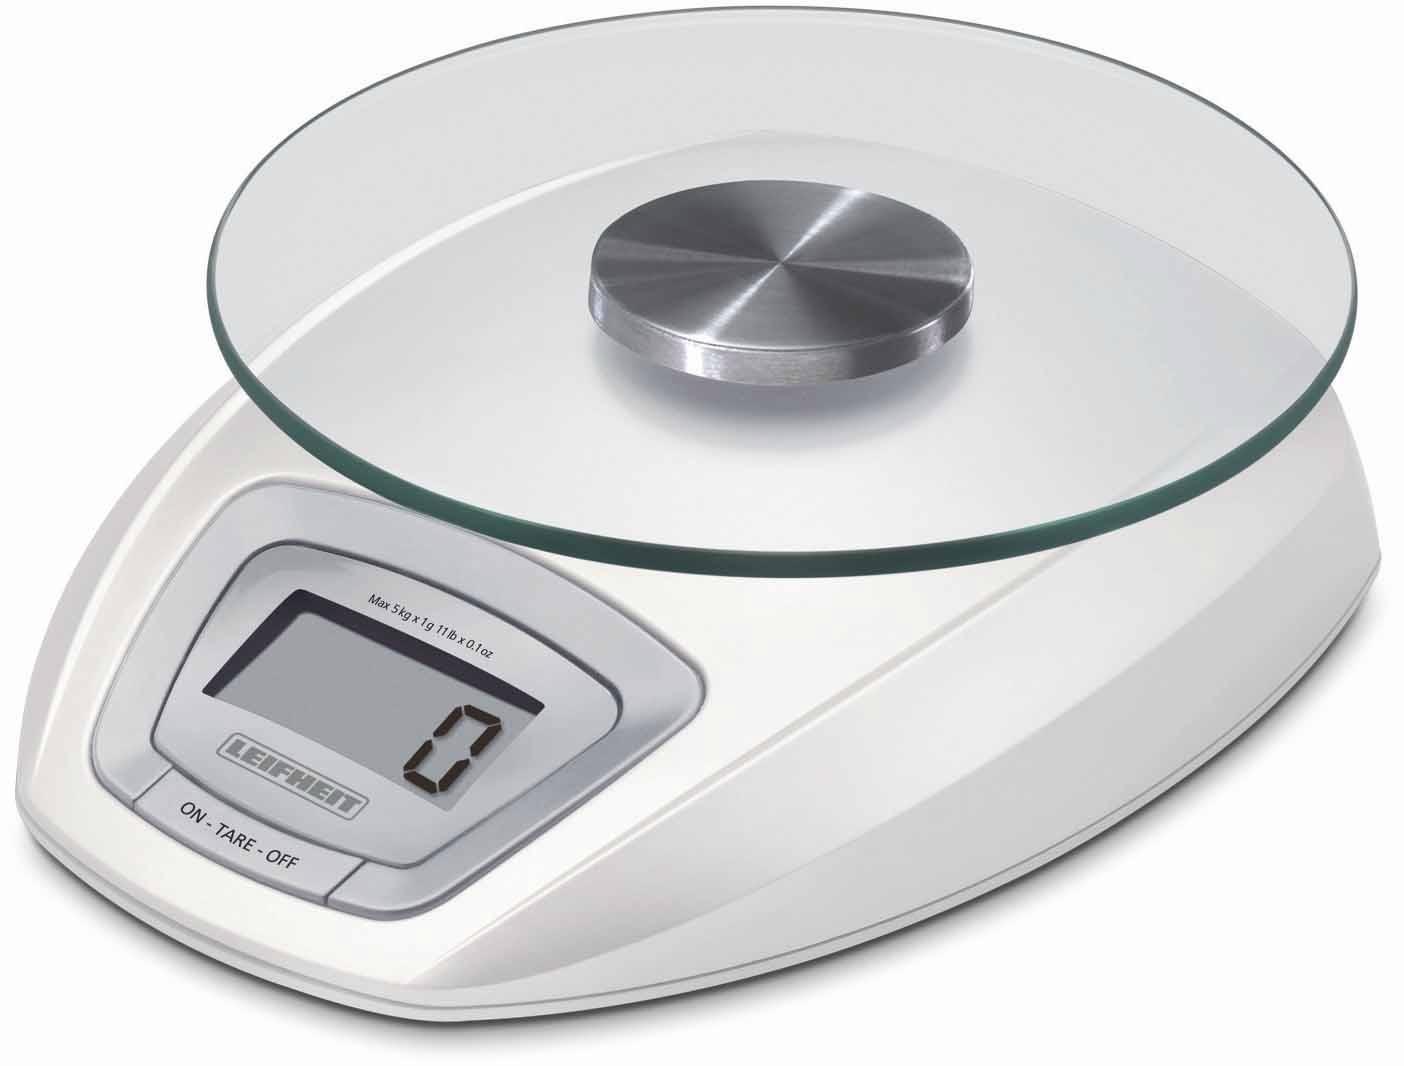 Op zoek naar een Leifheit digitale keukenweegschaal, met led-aanduiding, weegplateau afneembaar? Koop online bij OTTO